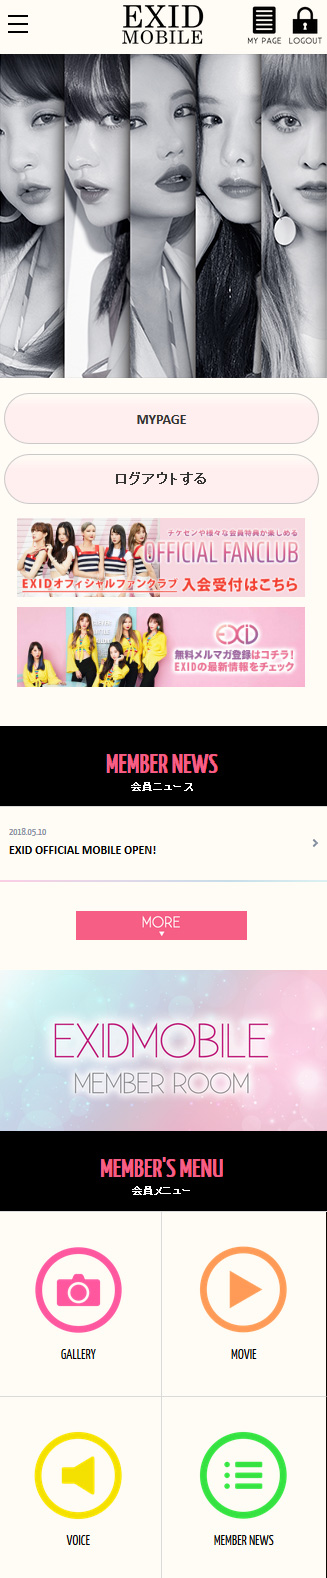 EXID モバイルサイト イメージ